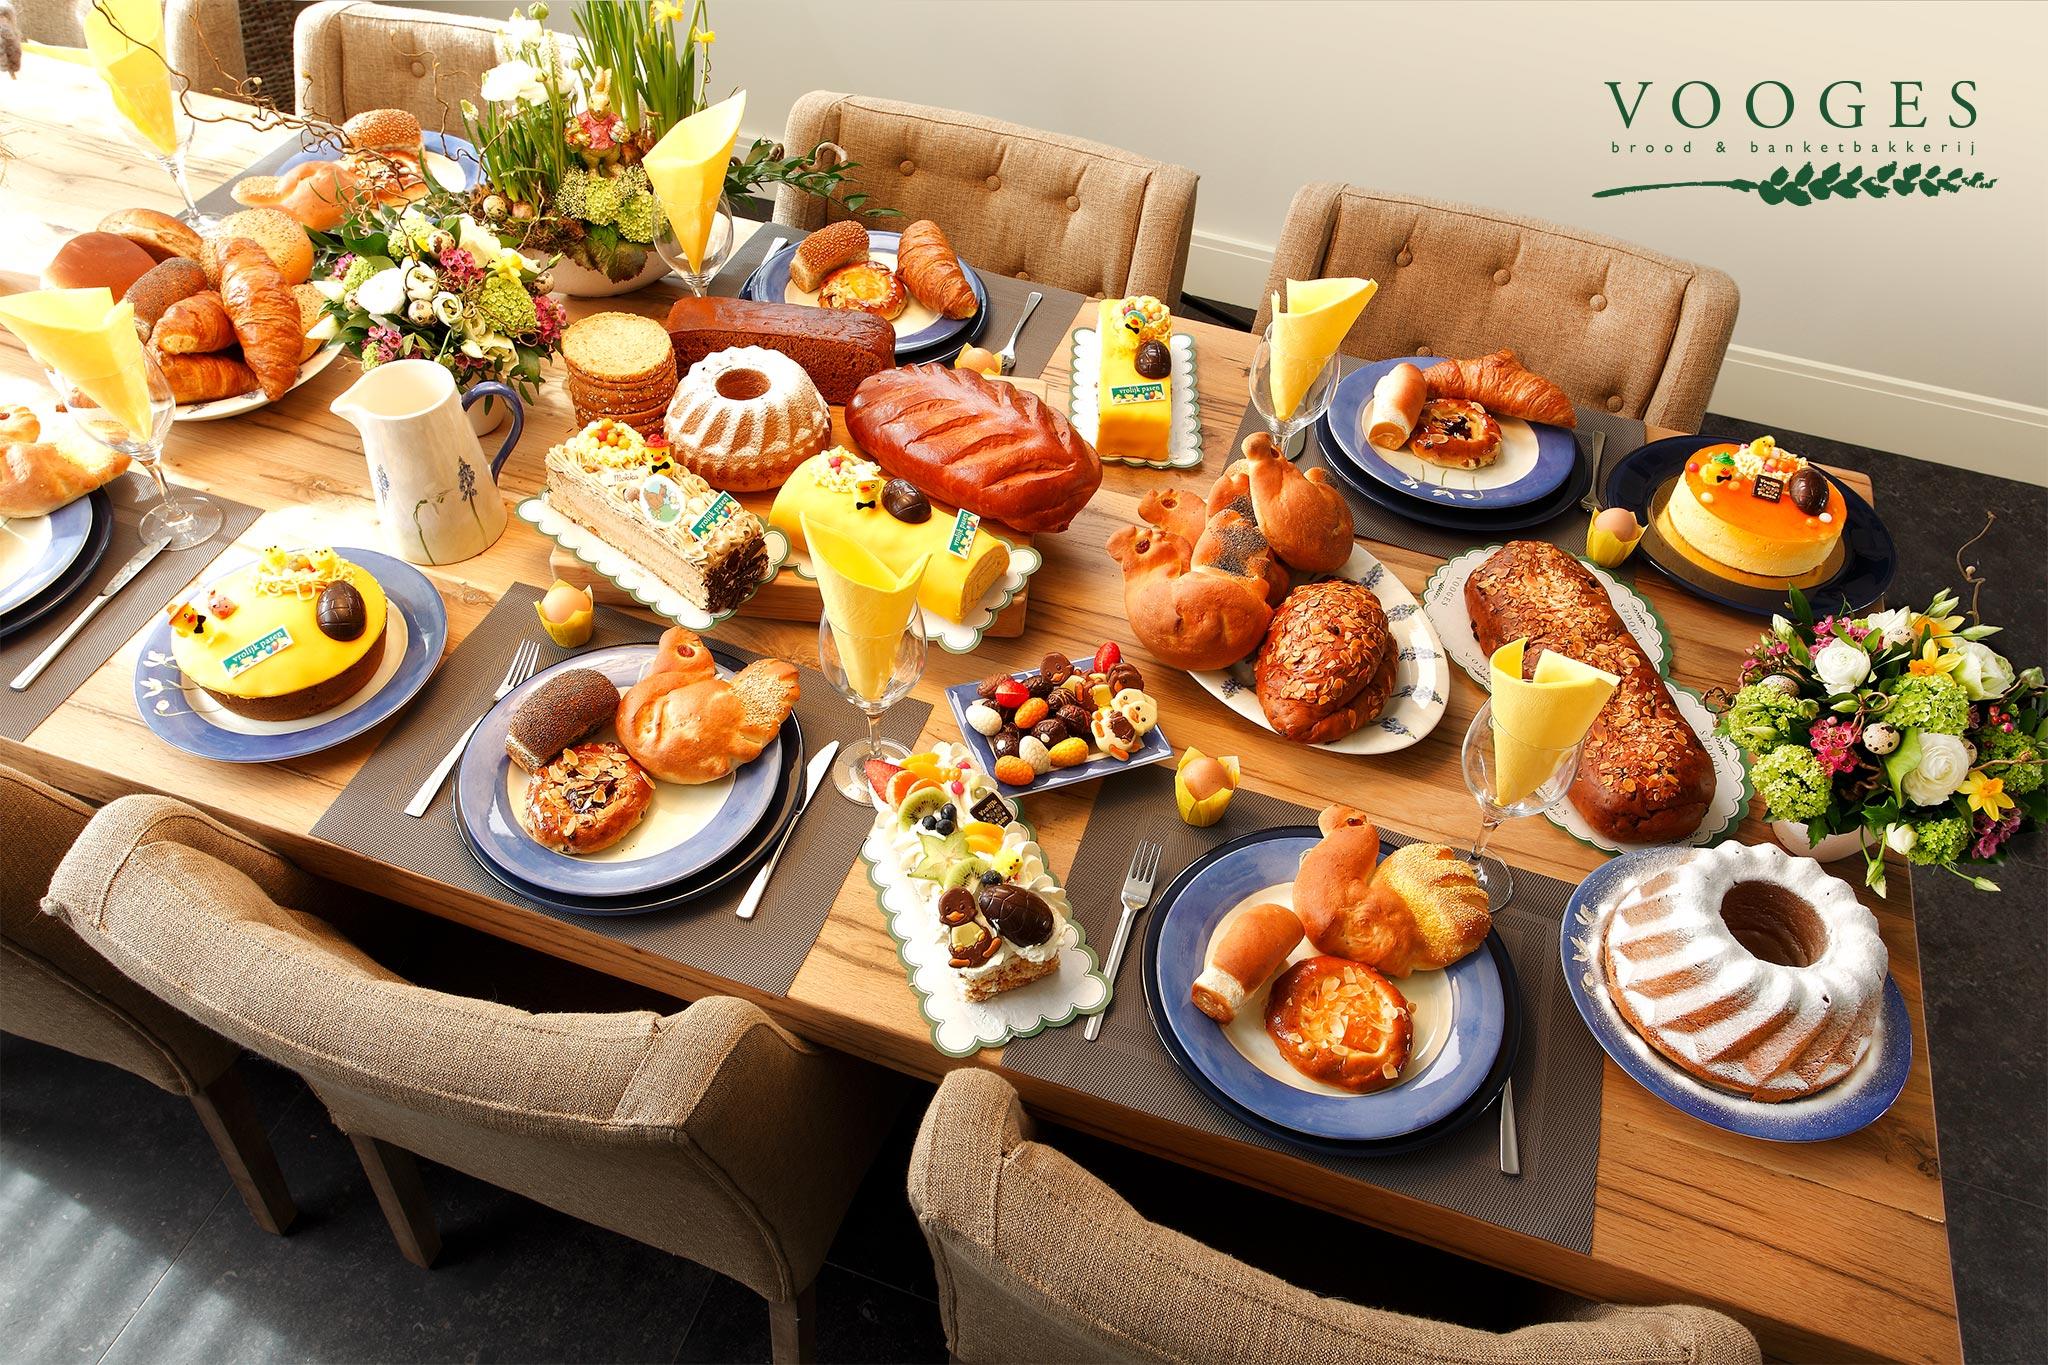 De Paastafel van Bakkerij Vooges, wie wil dit nu niet.